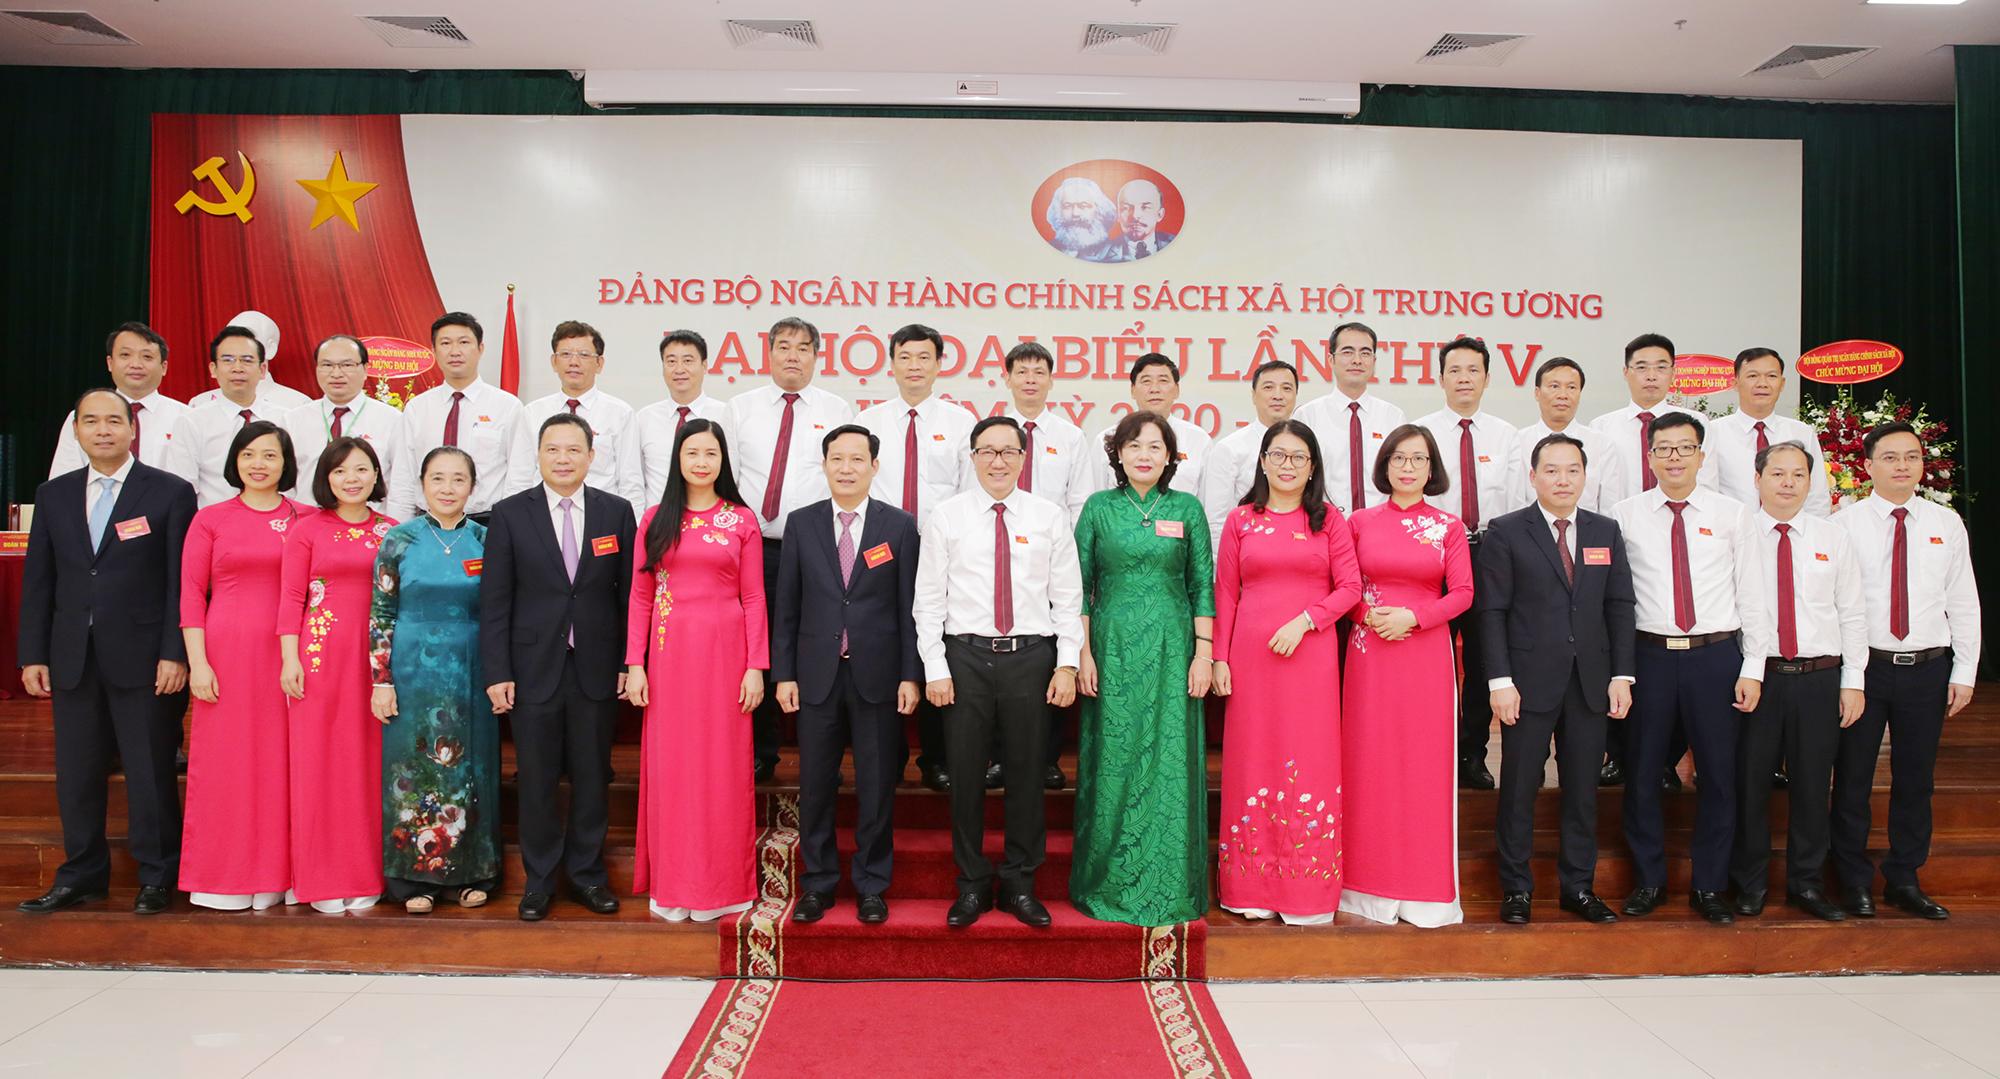 Lãnh đạo Đảng ủy Khối Doanh nghiệp Trung ương và các Bộ, ban, ngành chụp ảnh lưu niệm với Ban Chấp hành khóa mới của Đảng bộ NHCSXH Trung ương nhiệm kỳ 2020-2025